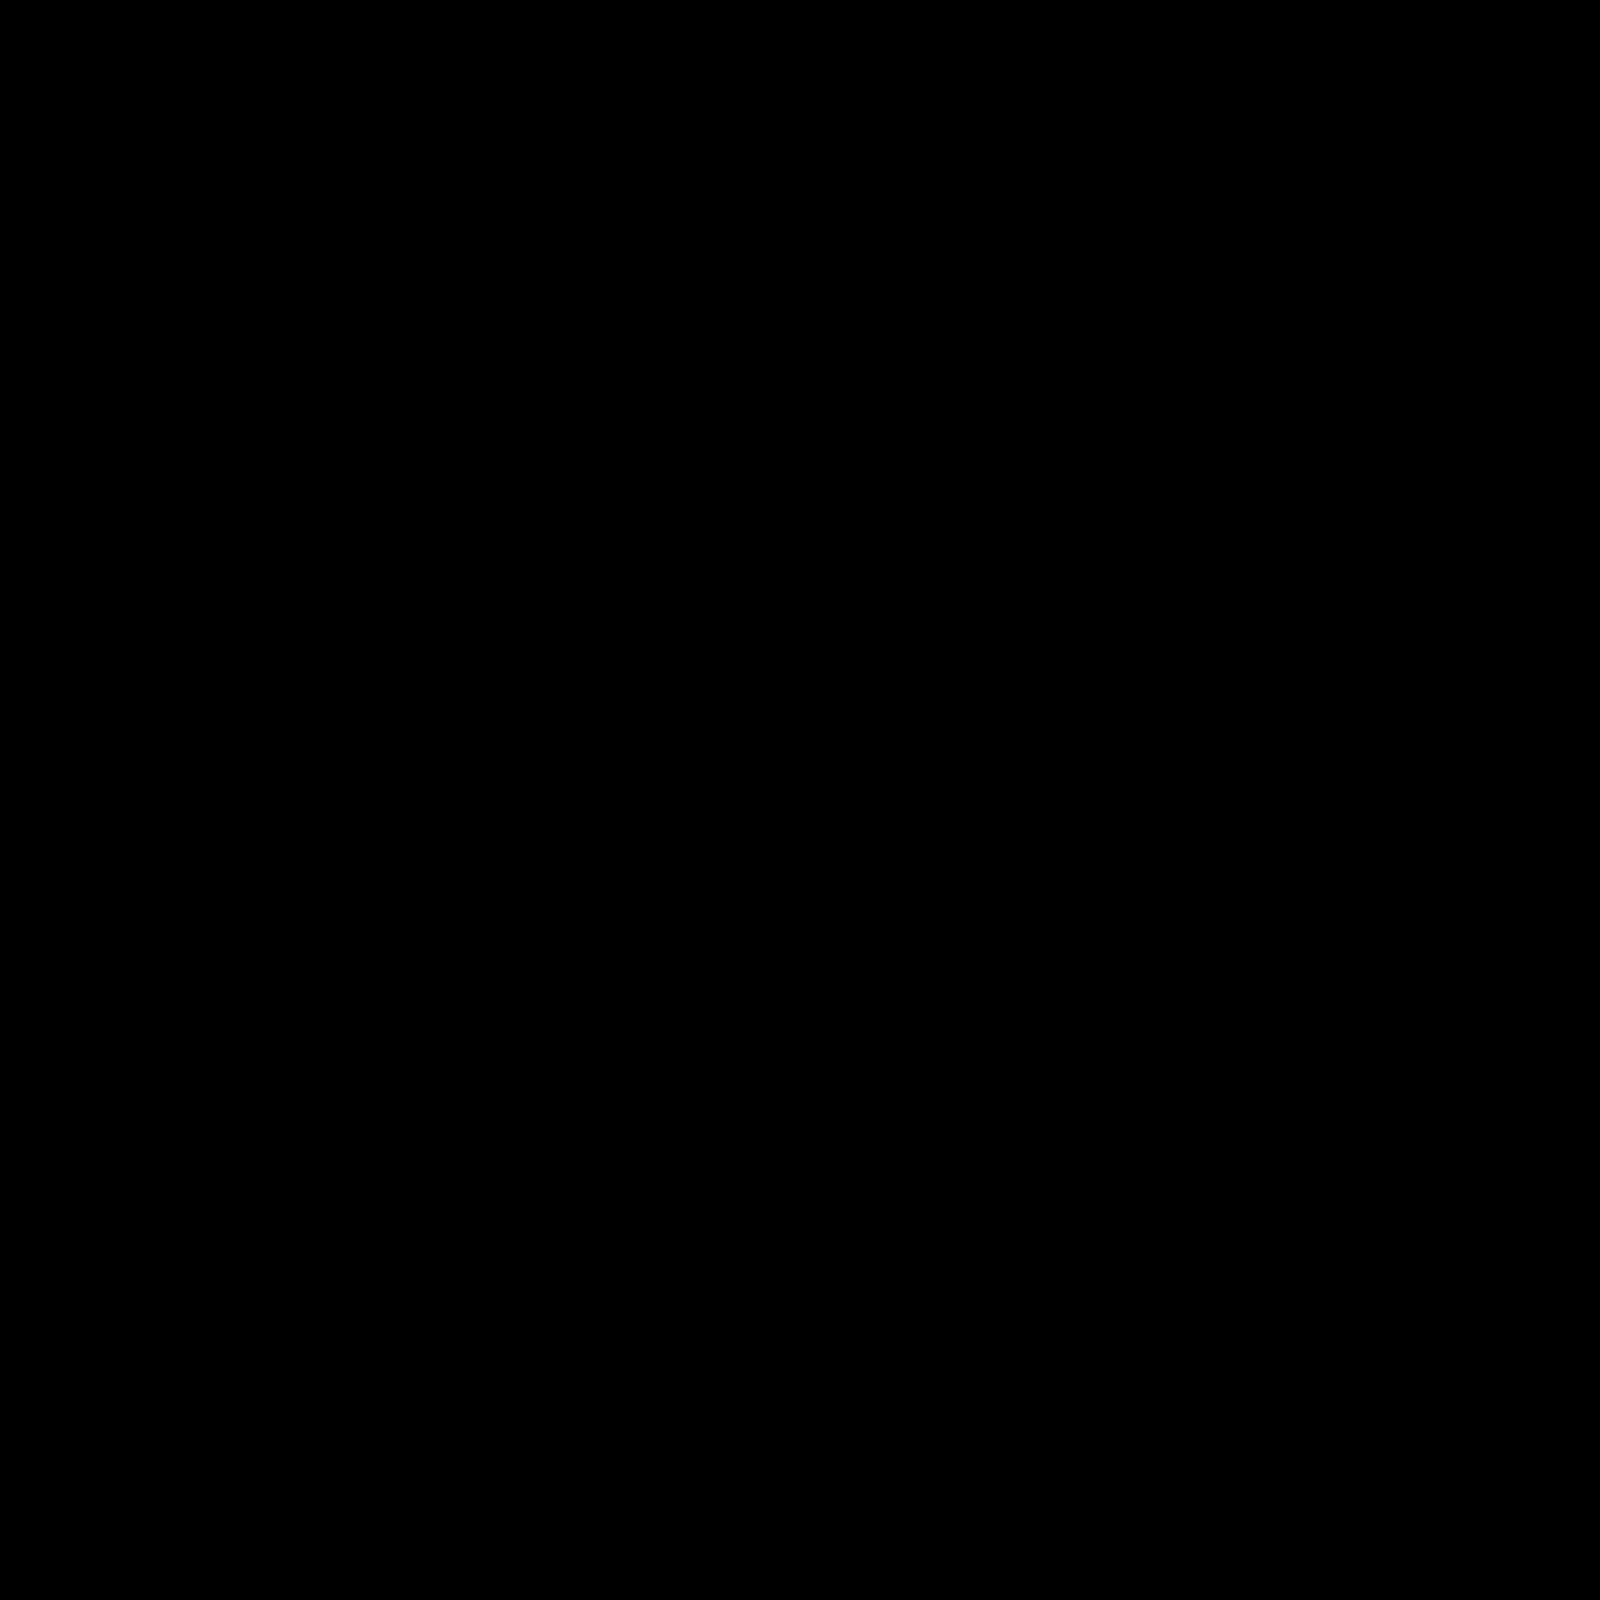 React Native icon